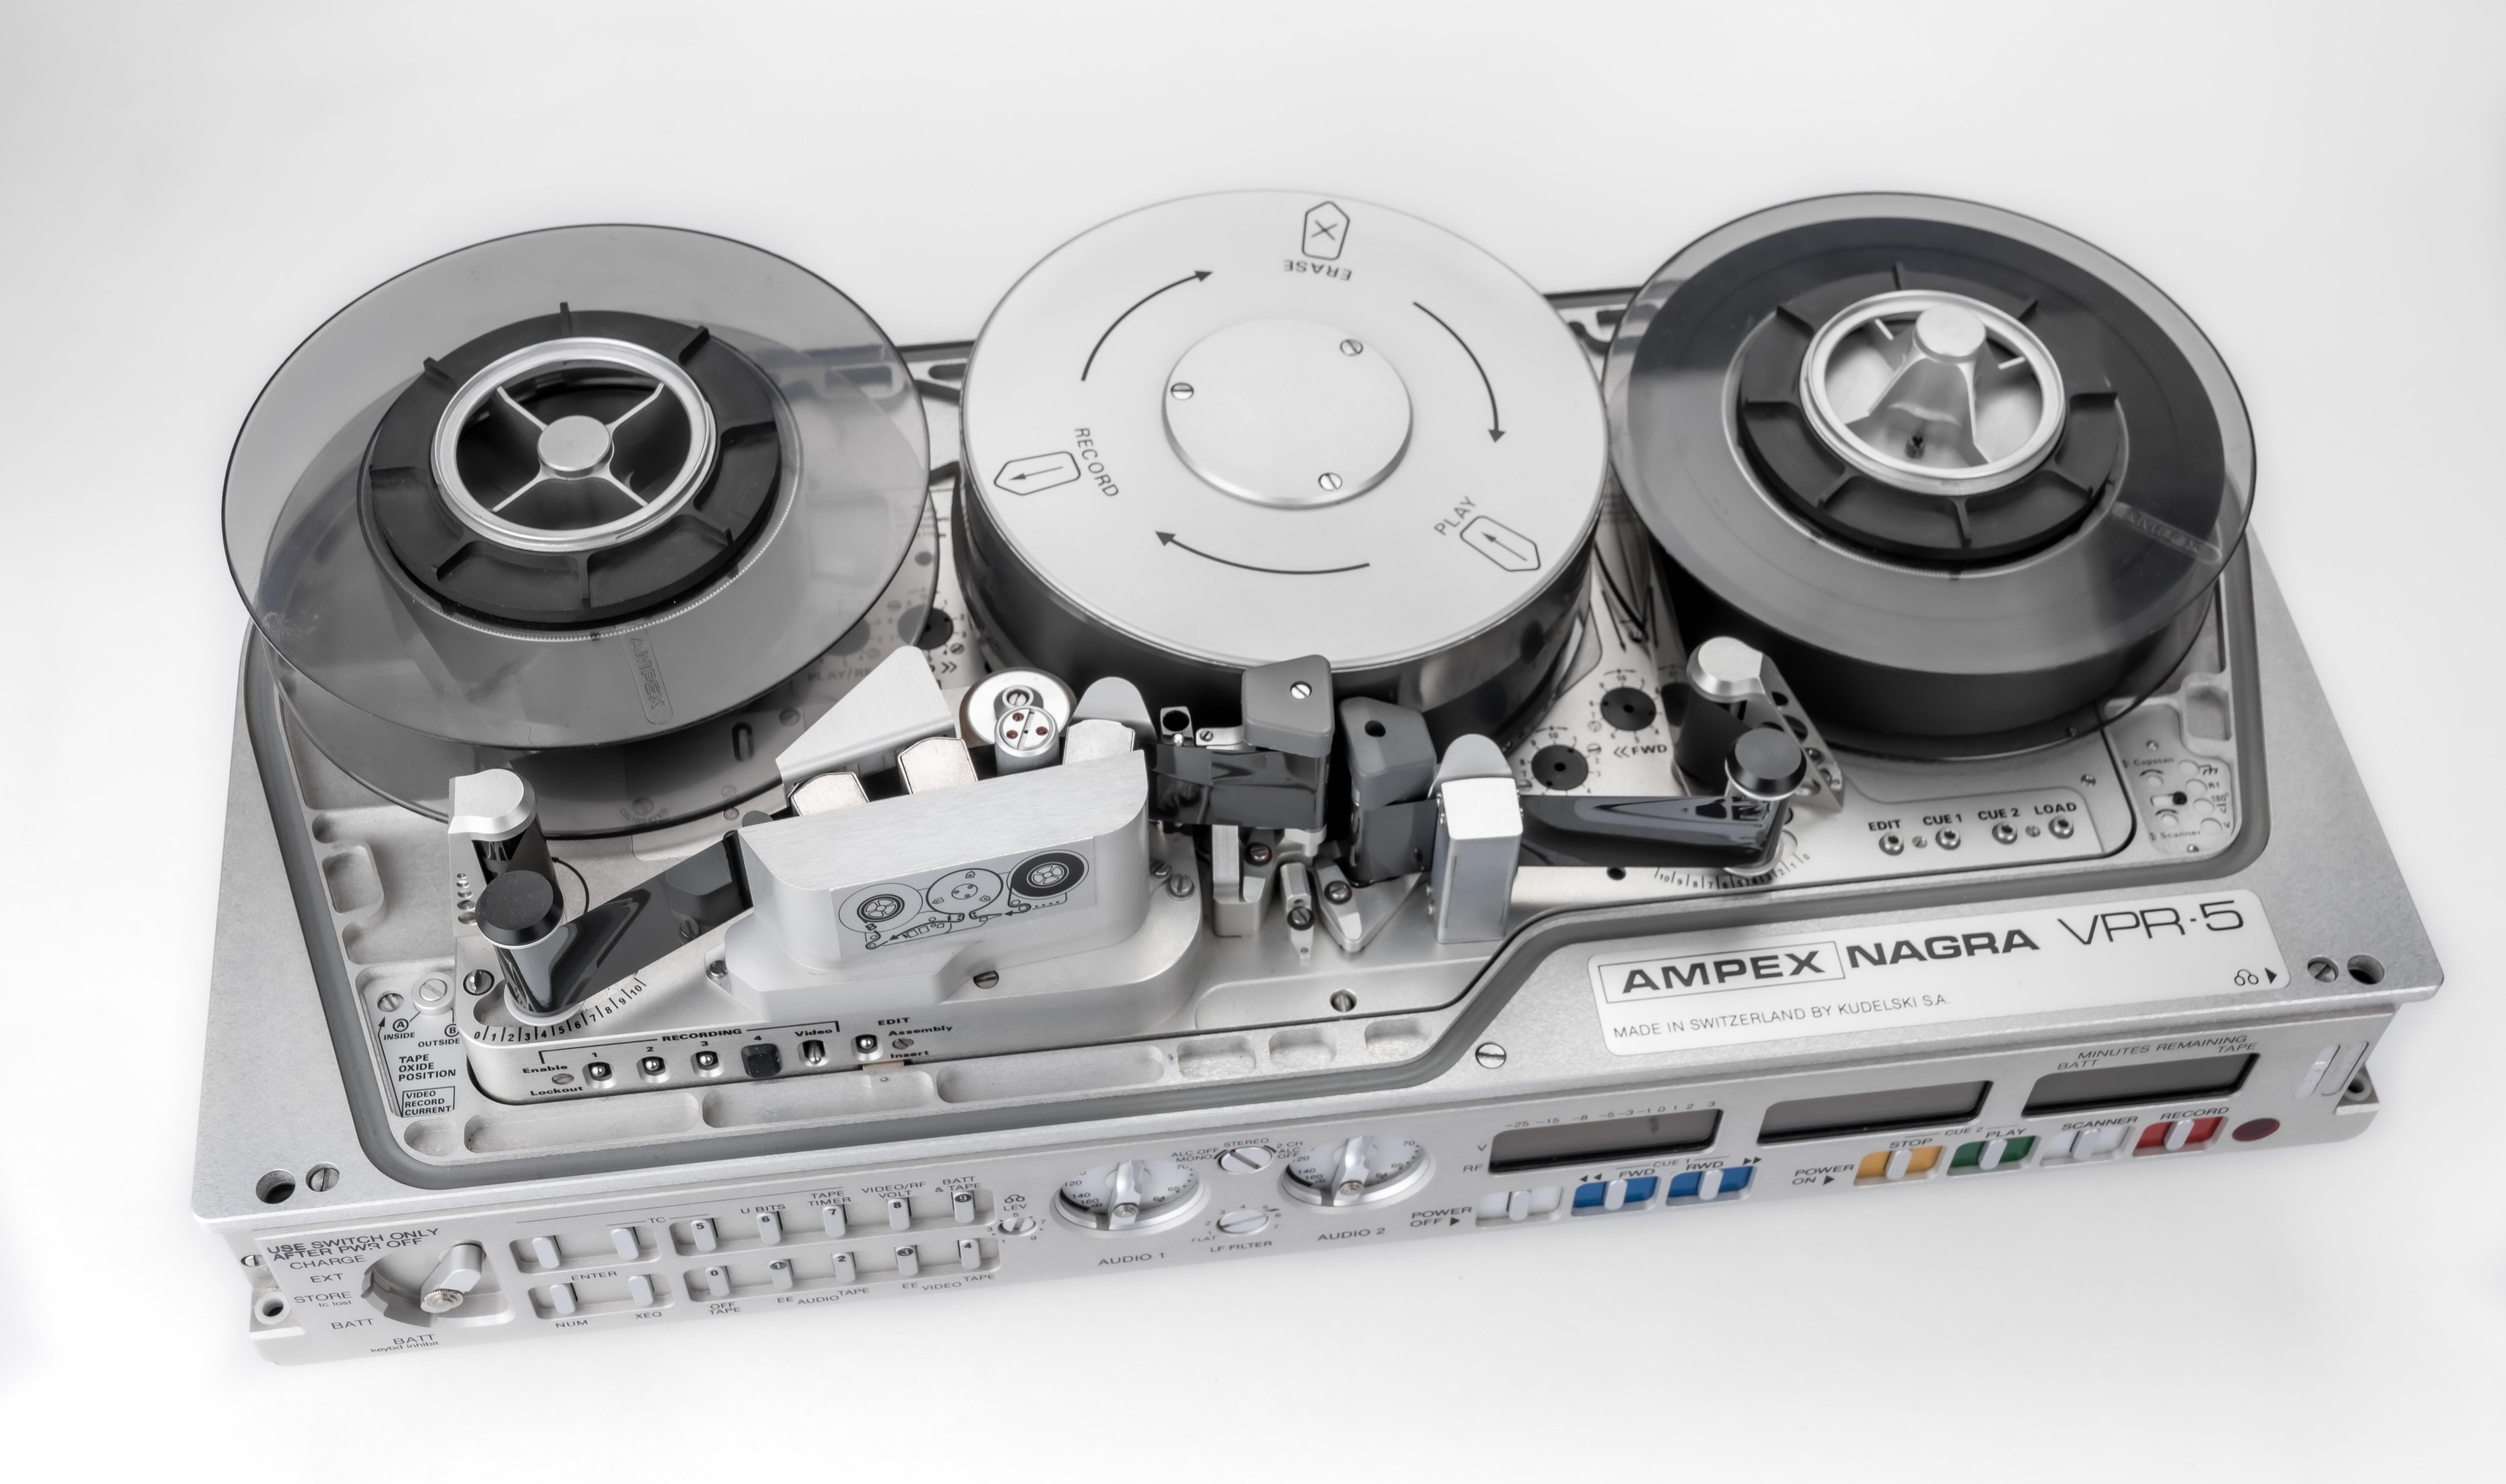 Ampax nagra VPR-5 - 3